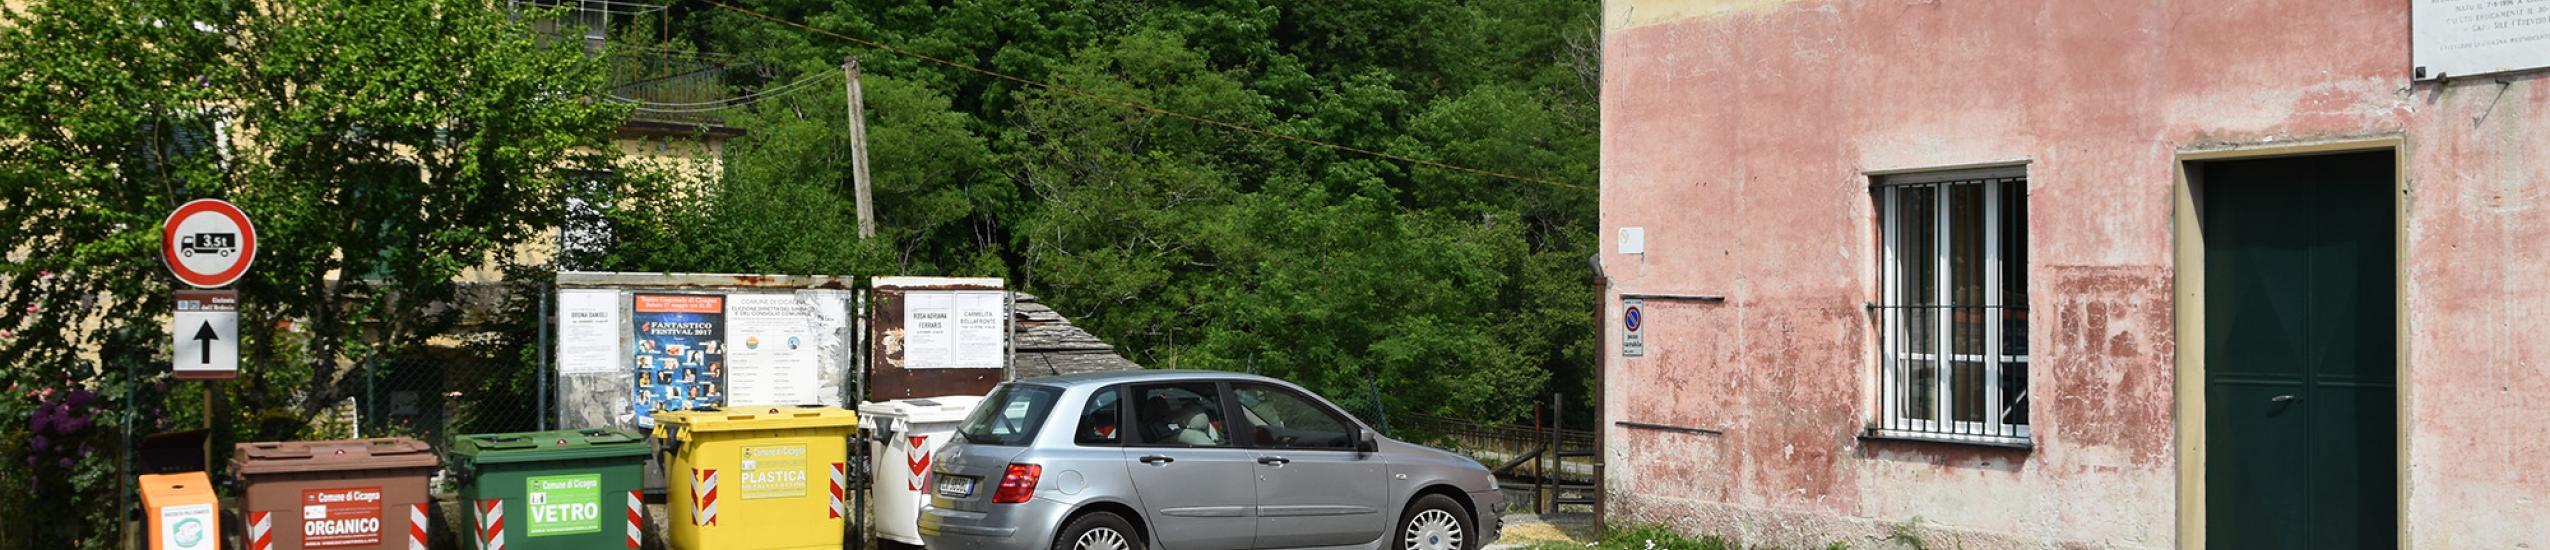 Parcheggio San Rocco